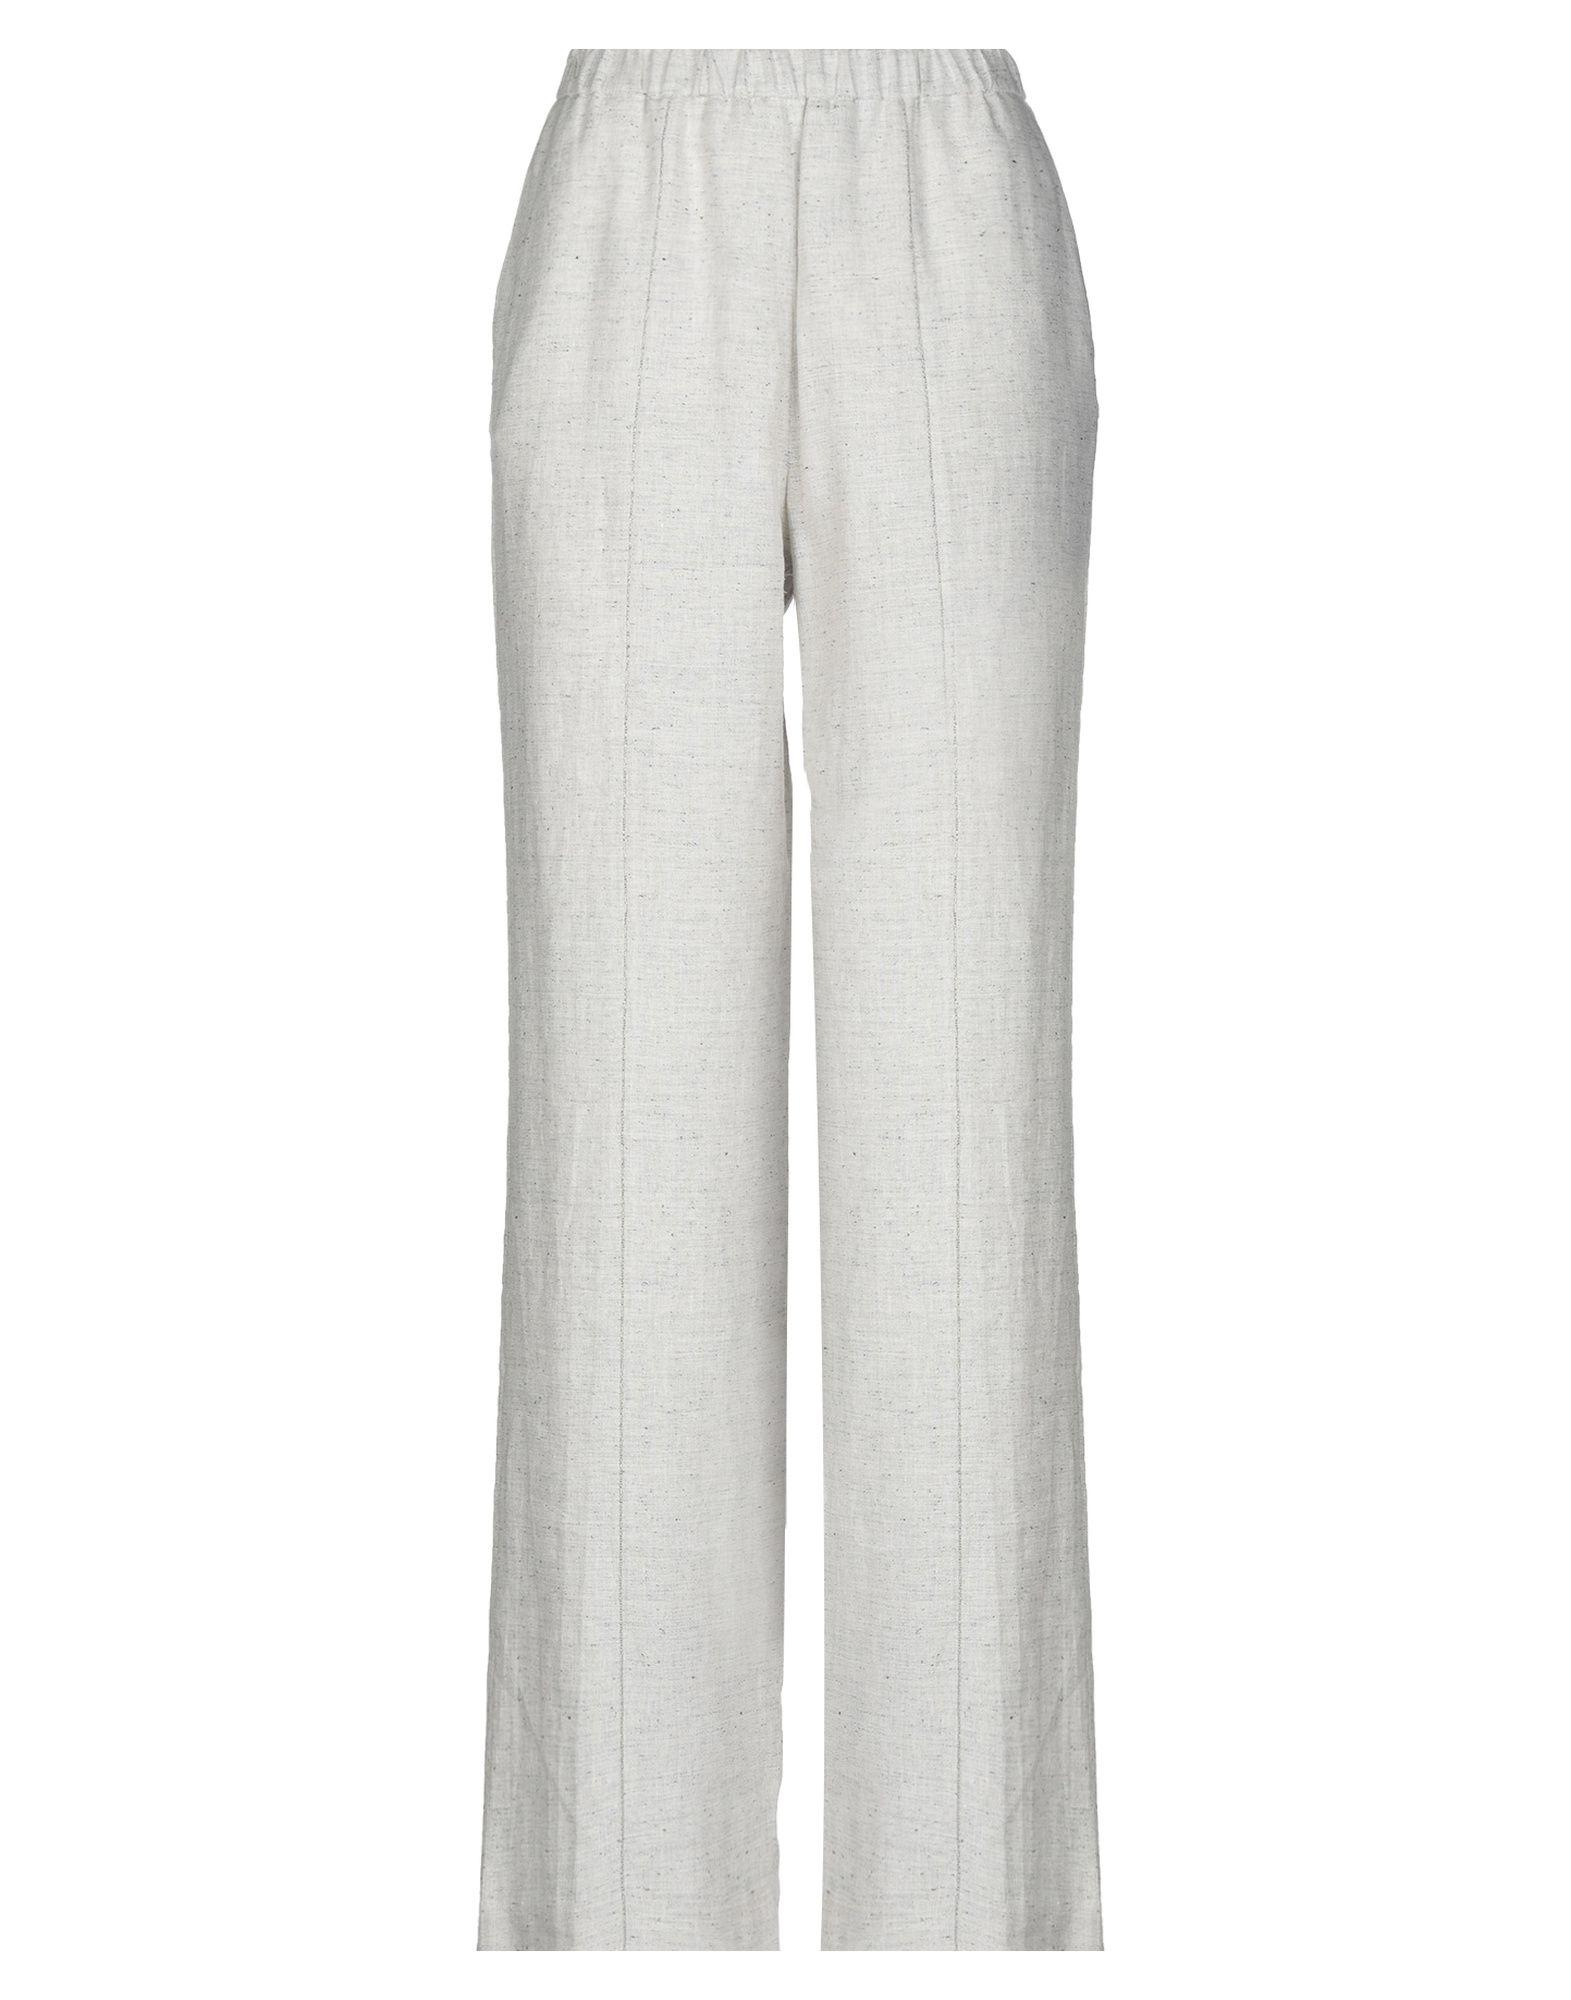 FABIANA FILIPPI Повседневные брюки брюки широкие из однотонного жаккарда